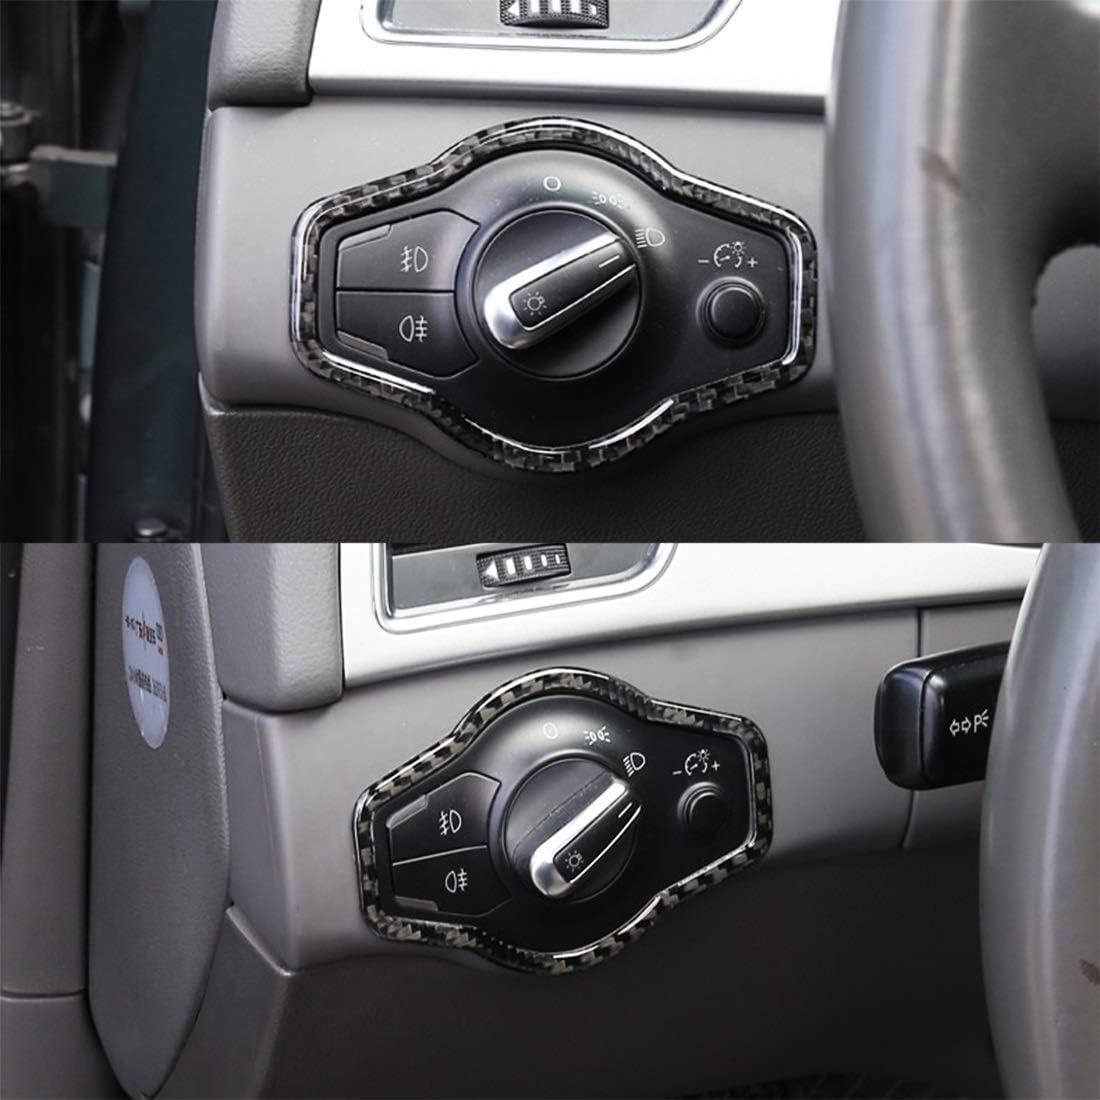 NoNo Autoinnenausstattung Linie Auto-Carbon-Faser-Scheinwerfer-Schalter Taste dekorative Aufkleber Autozubeh/ör A5 Fit for A4L Q5